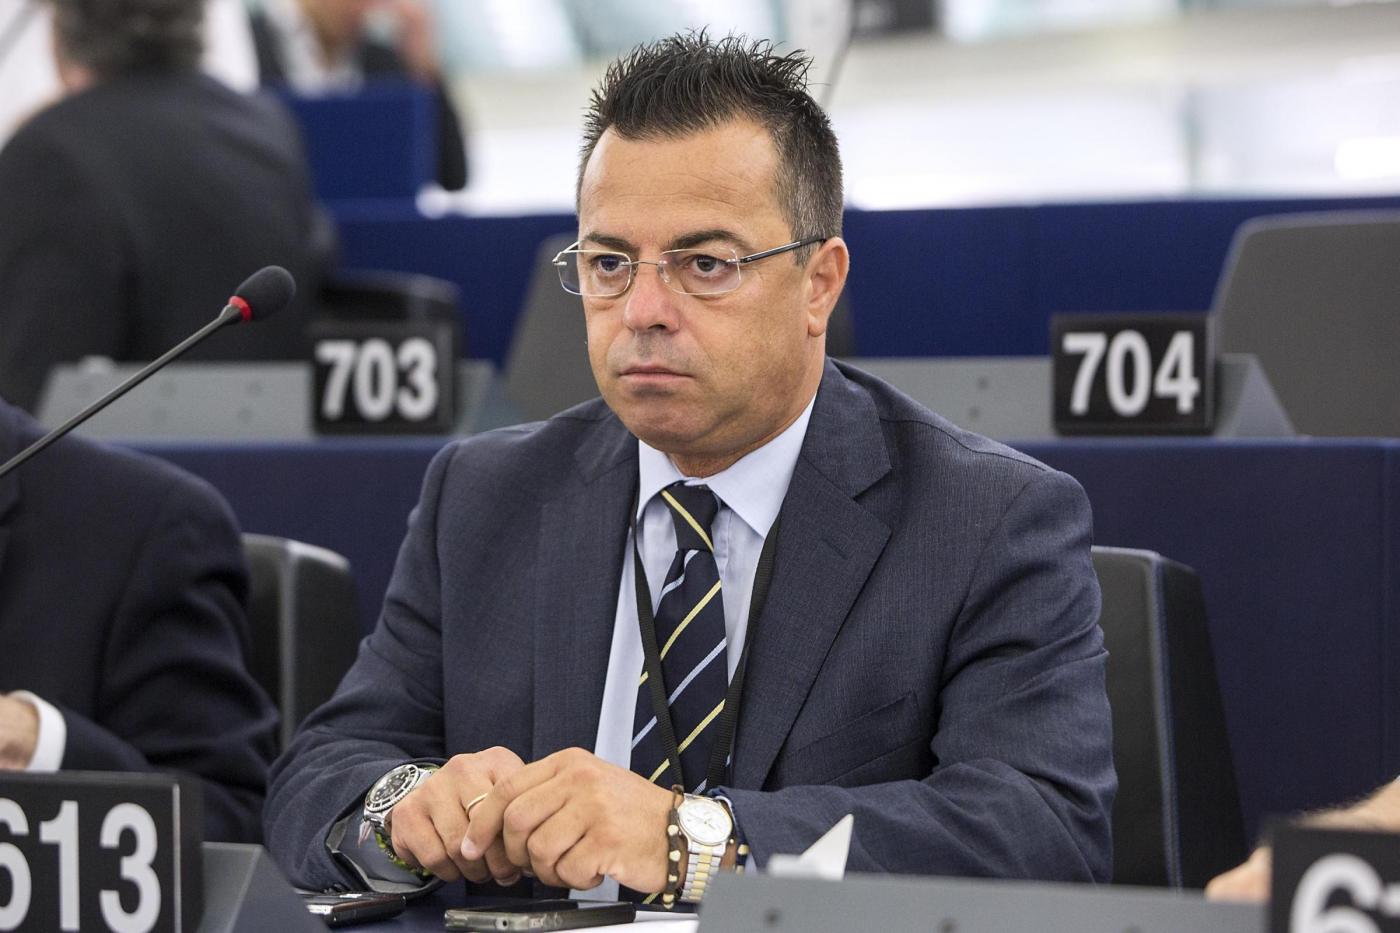 Morto Gianluca Buonanno, europarlamentare della Lega Nord